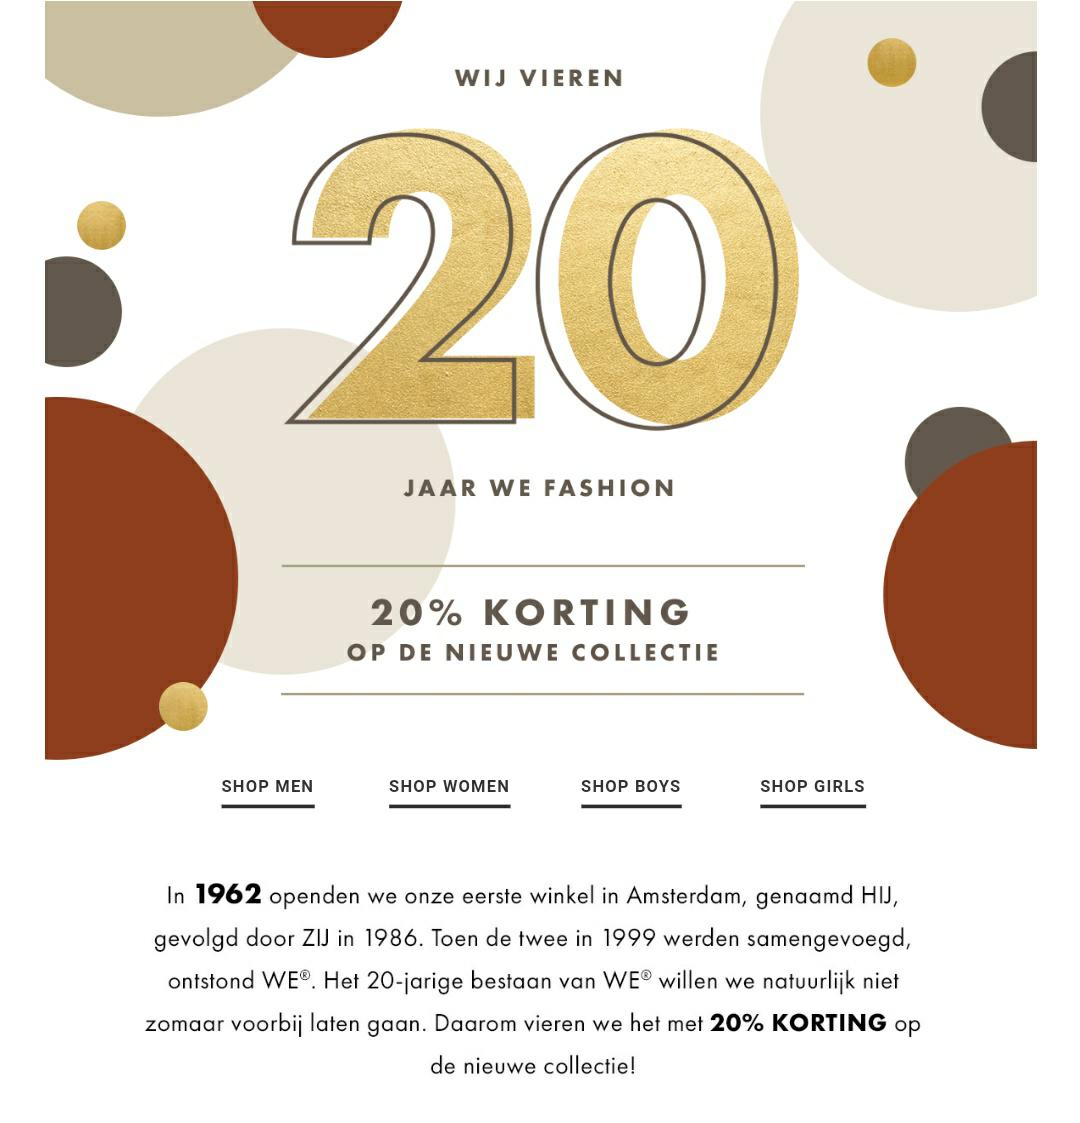 WE Fasion 20% korting op nieuwe collectie